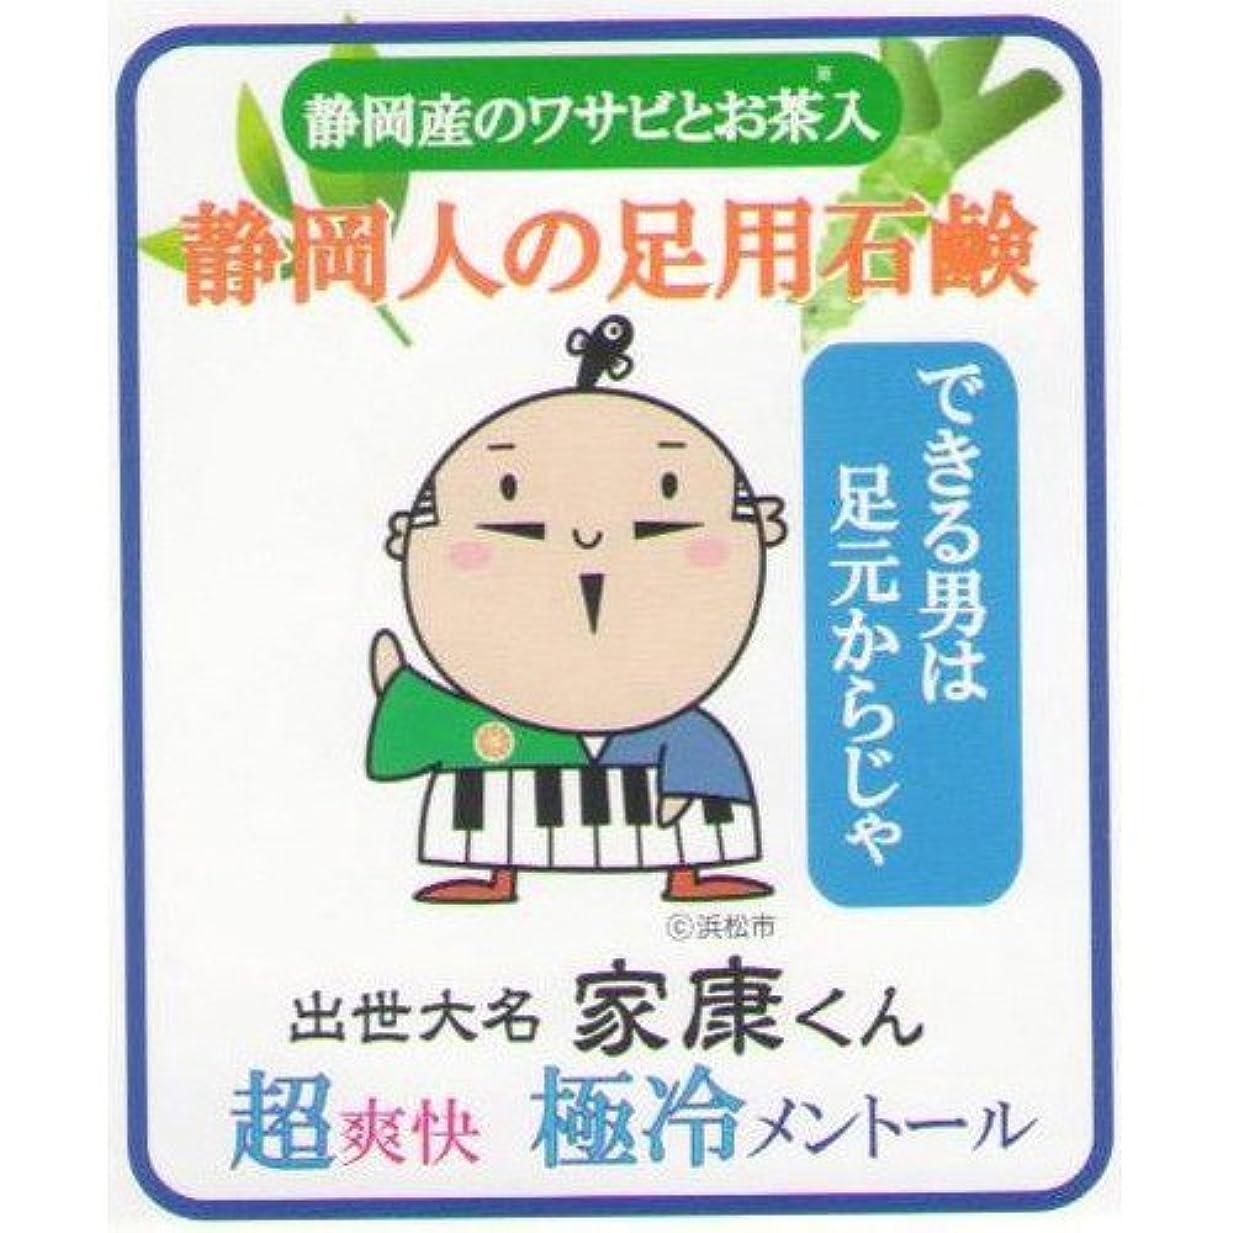 非アクティブ広告演劇静岡人の足用石鹸 極冷メントール 60g ネット付き